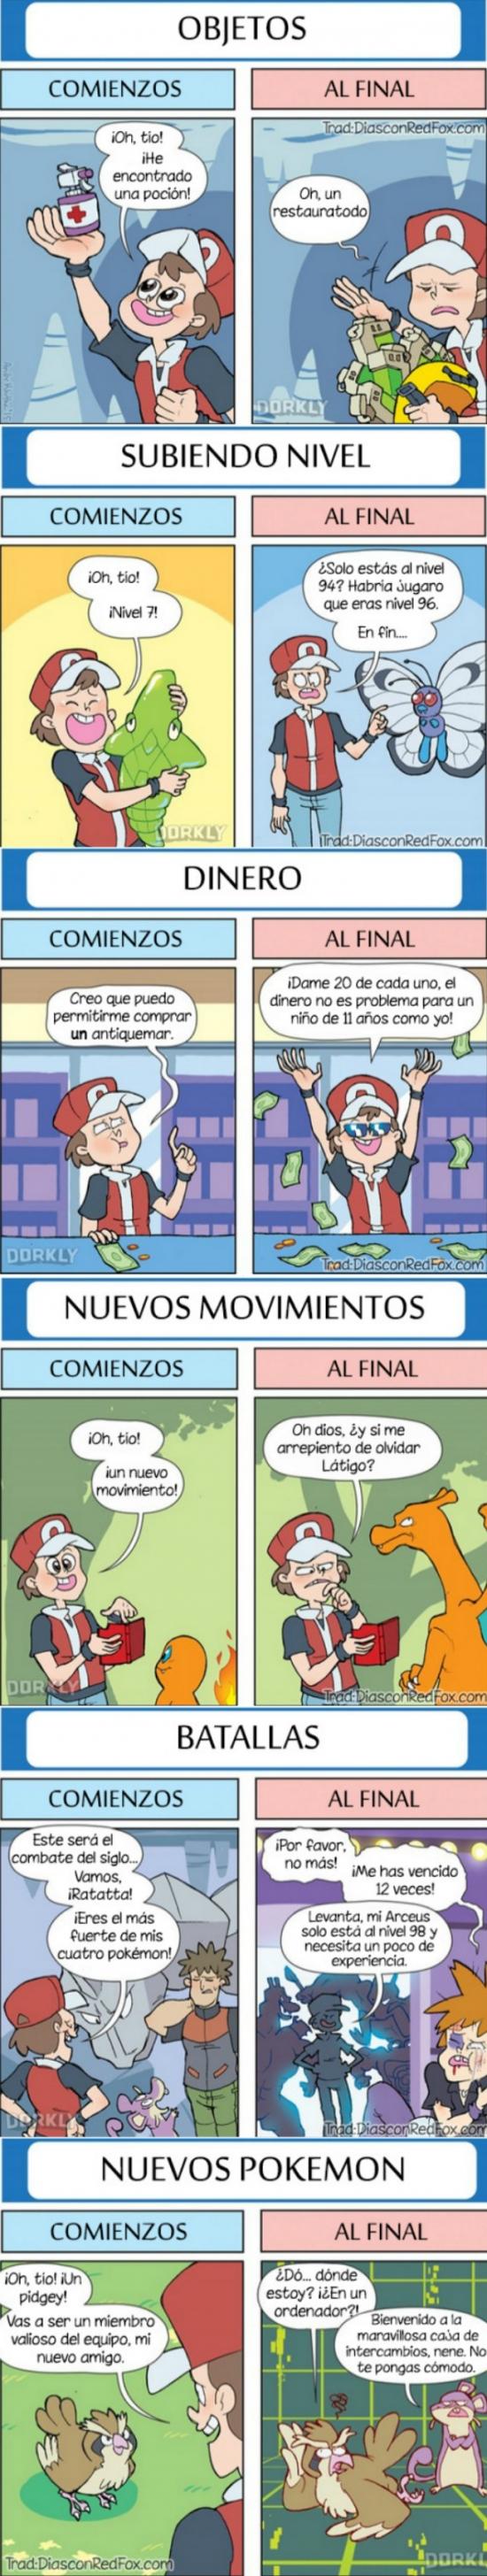 Otros - Hay una gran diferencia entre el inicio de las partidas Pokémon y el final